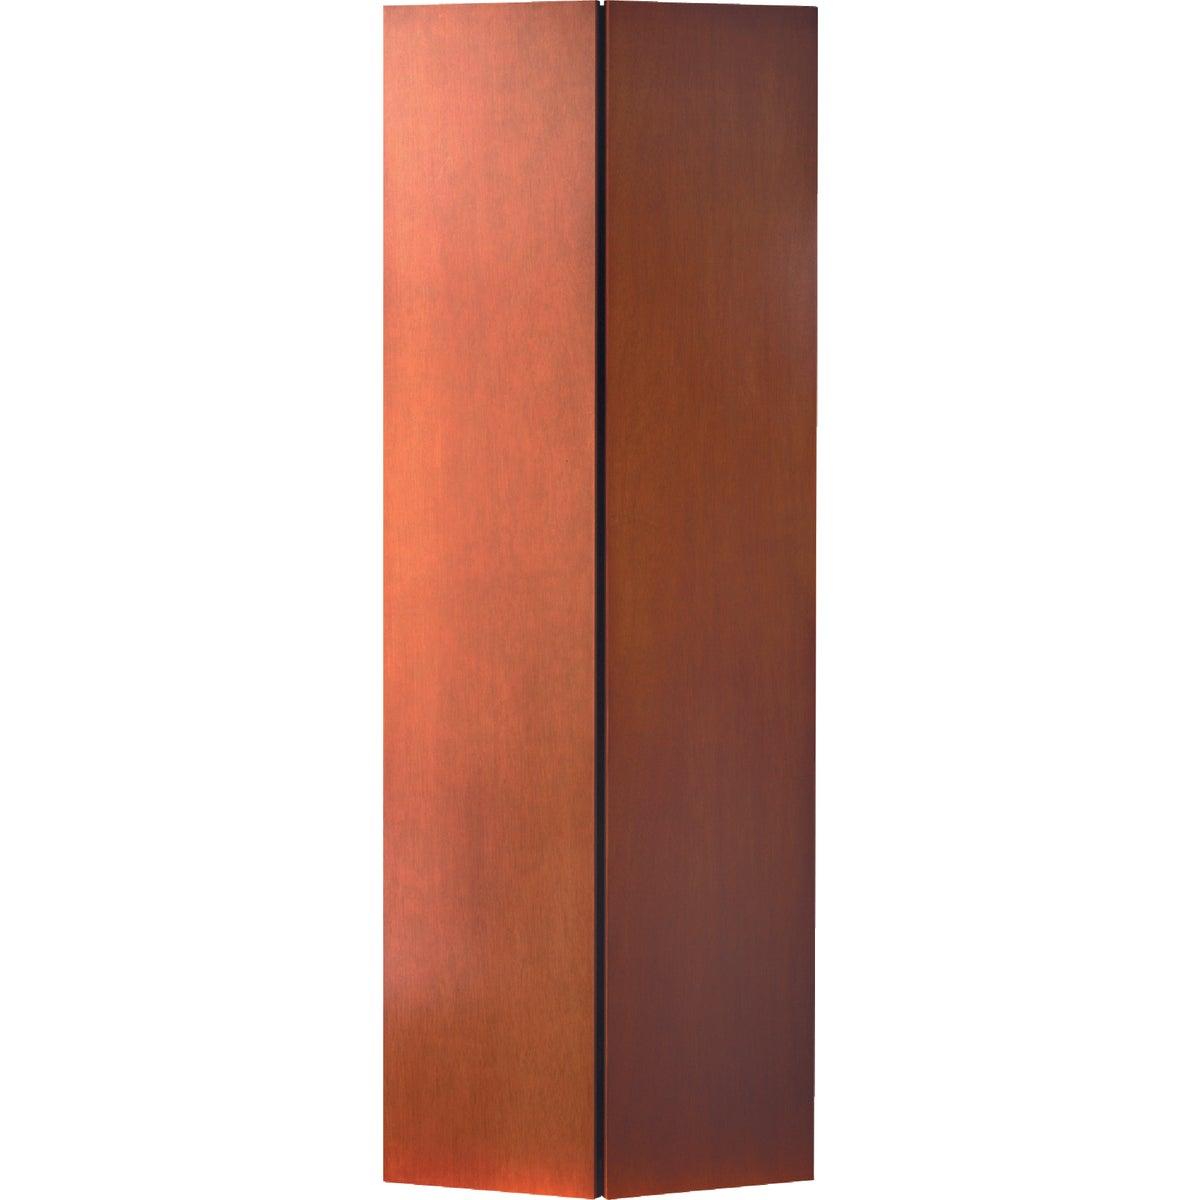 4/0 1-3/8 LUAN BFLD DOOR